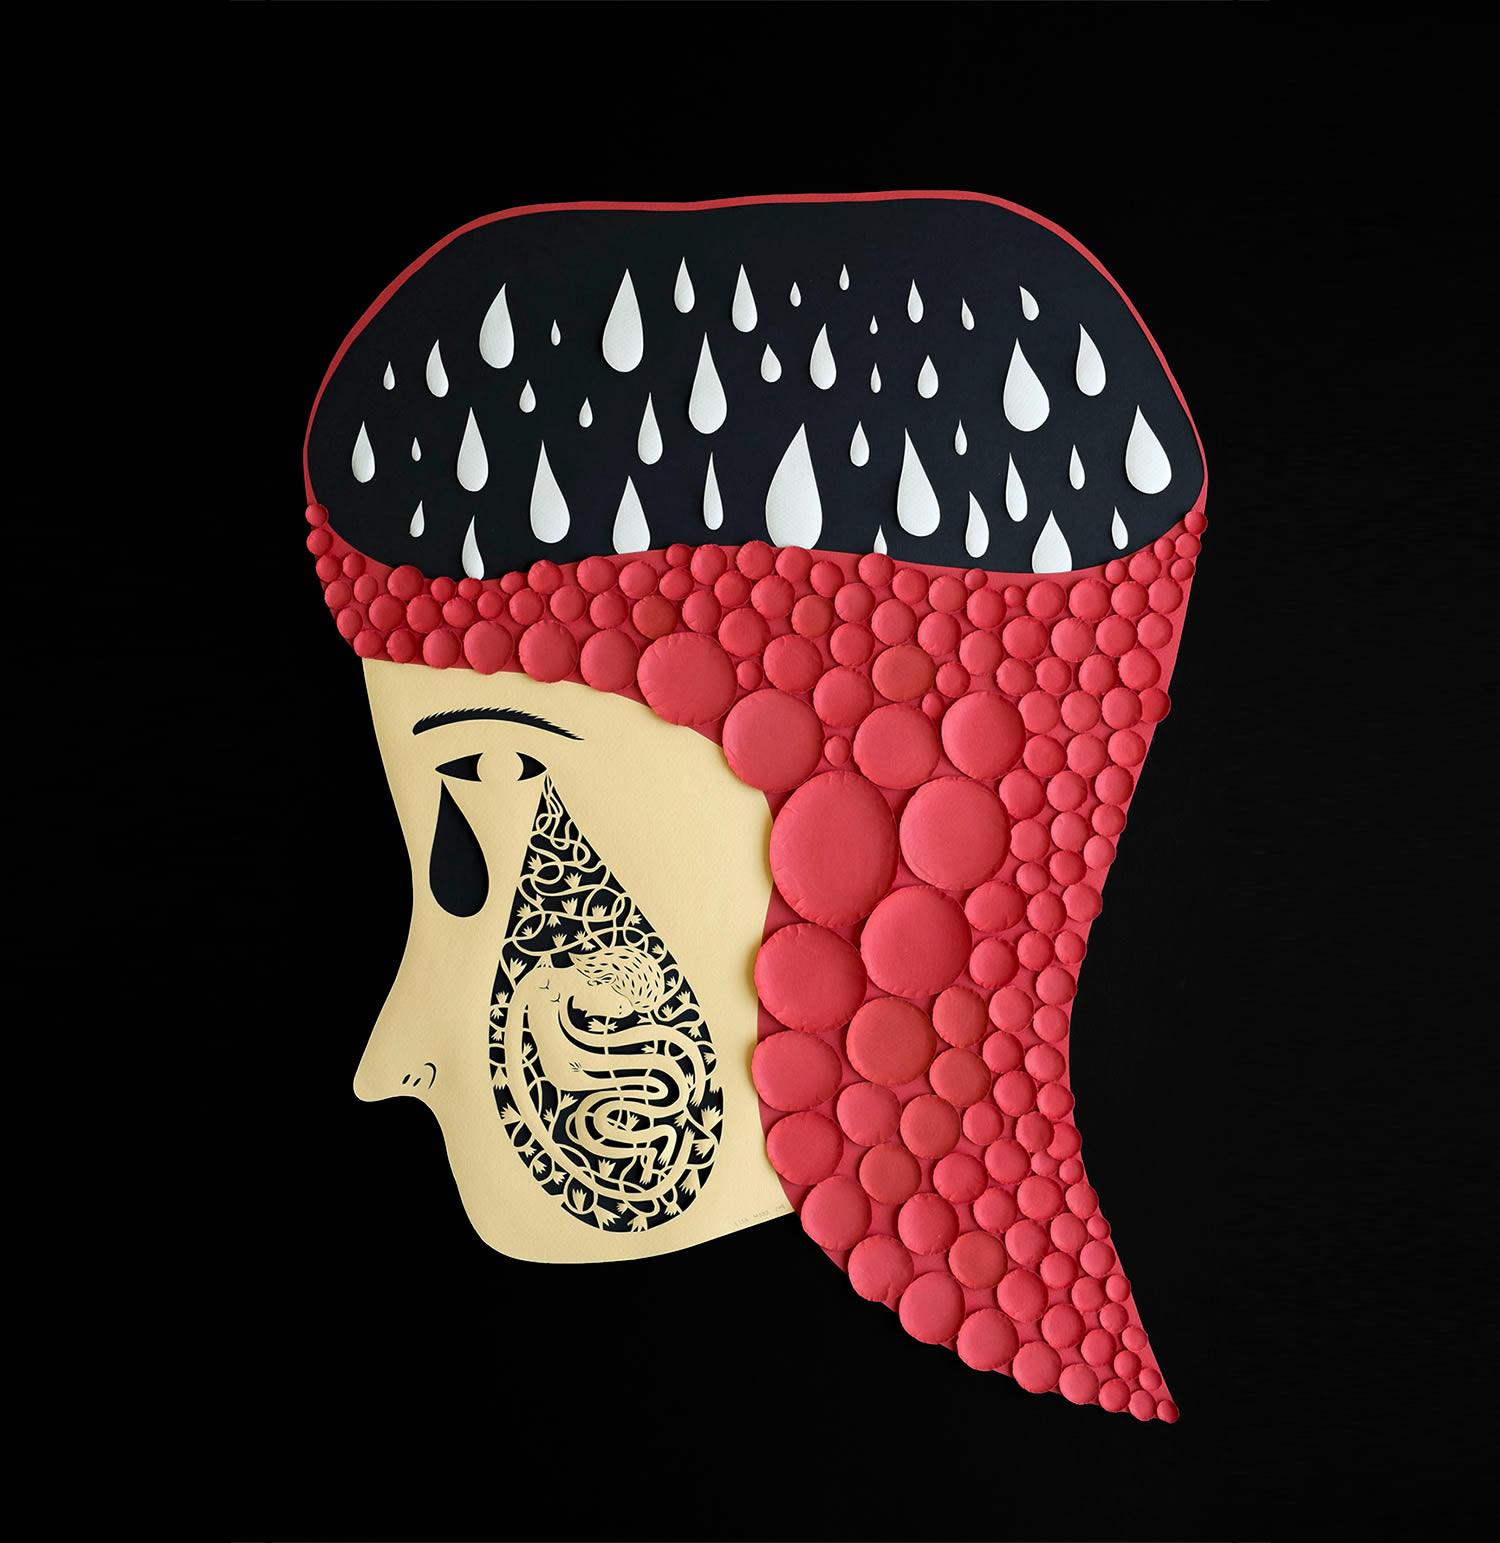 raindrops in head, paper cut portrait by elsa mora